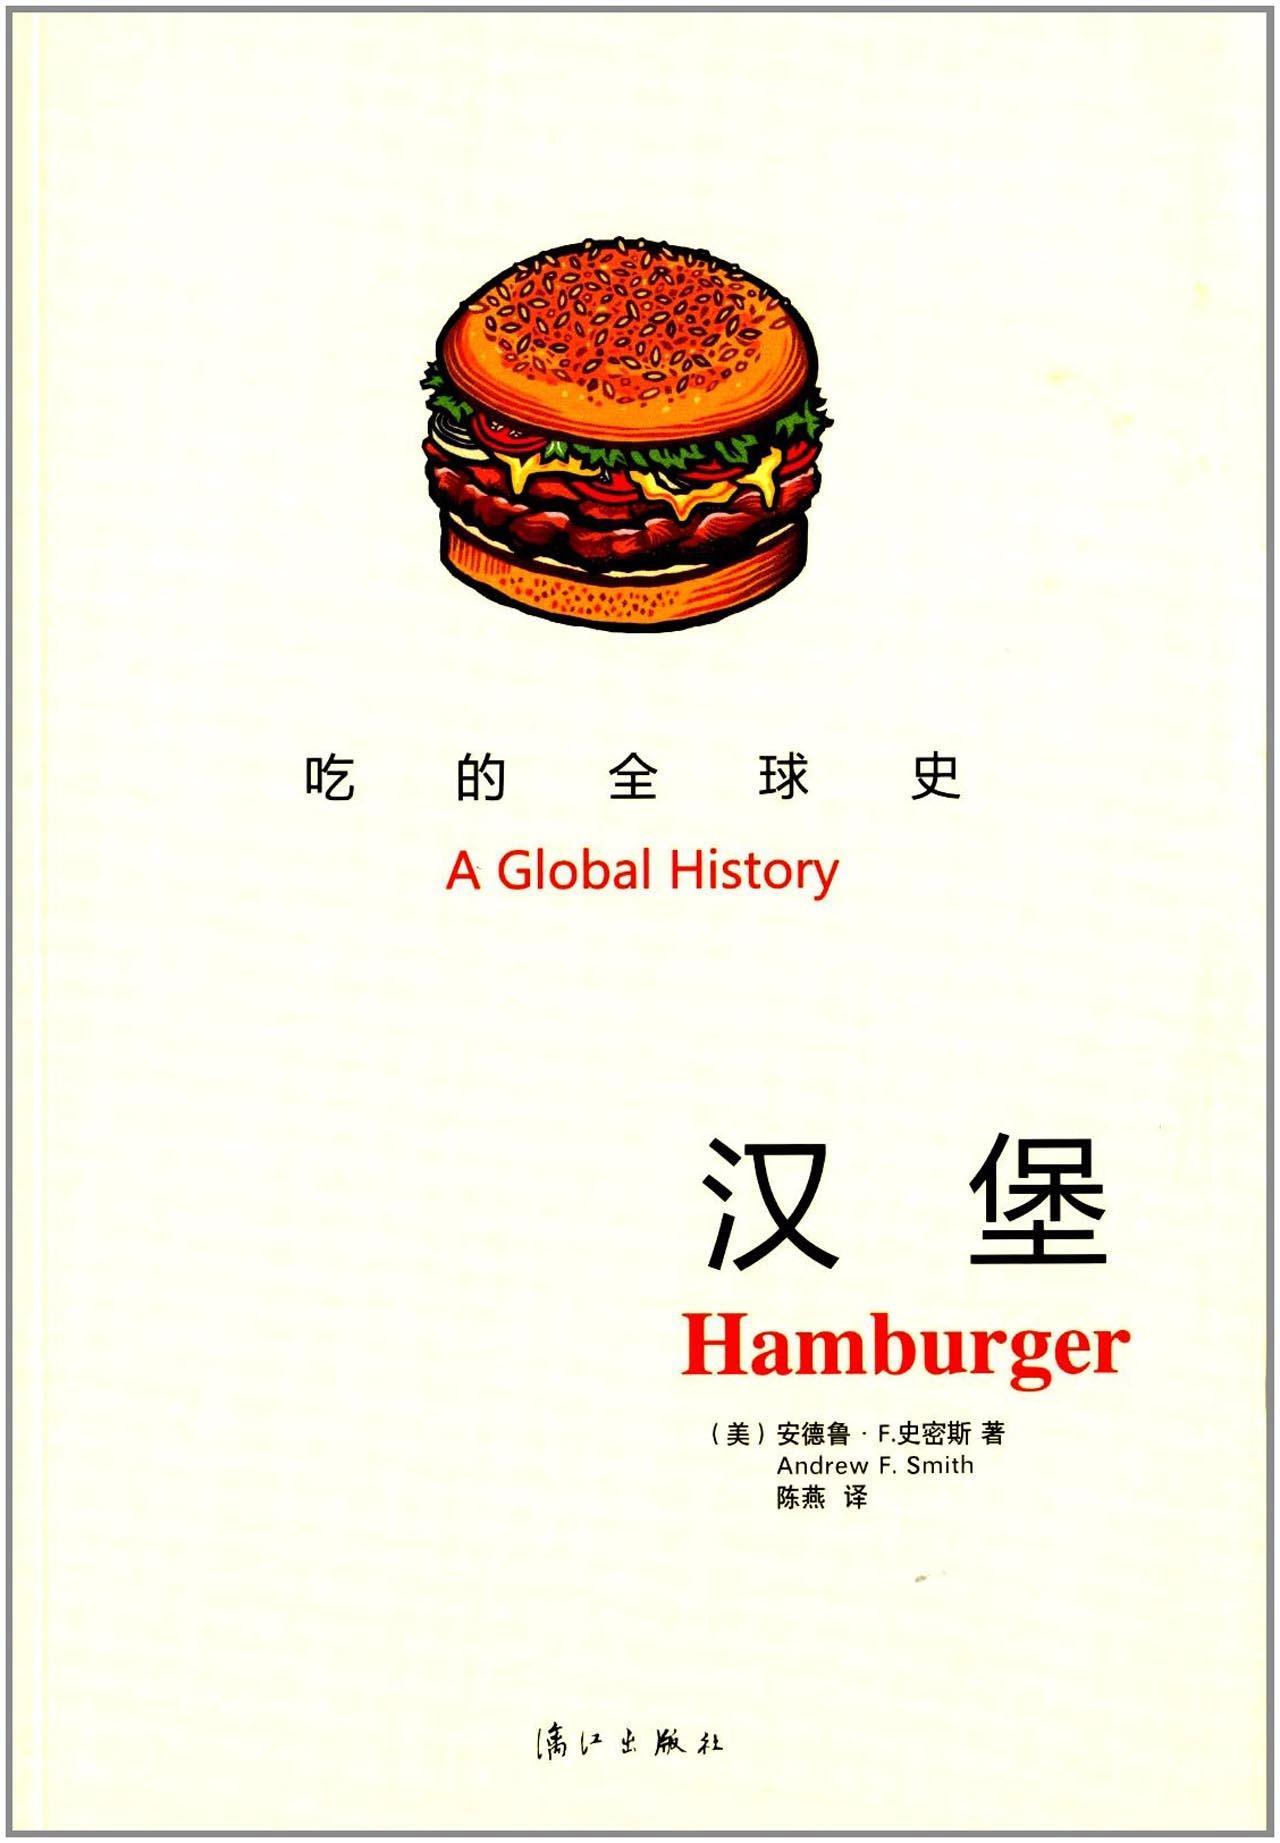 亚马逊图书】吃的全球史:汉堡》 【摘要书评试读】图书